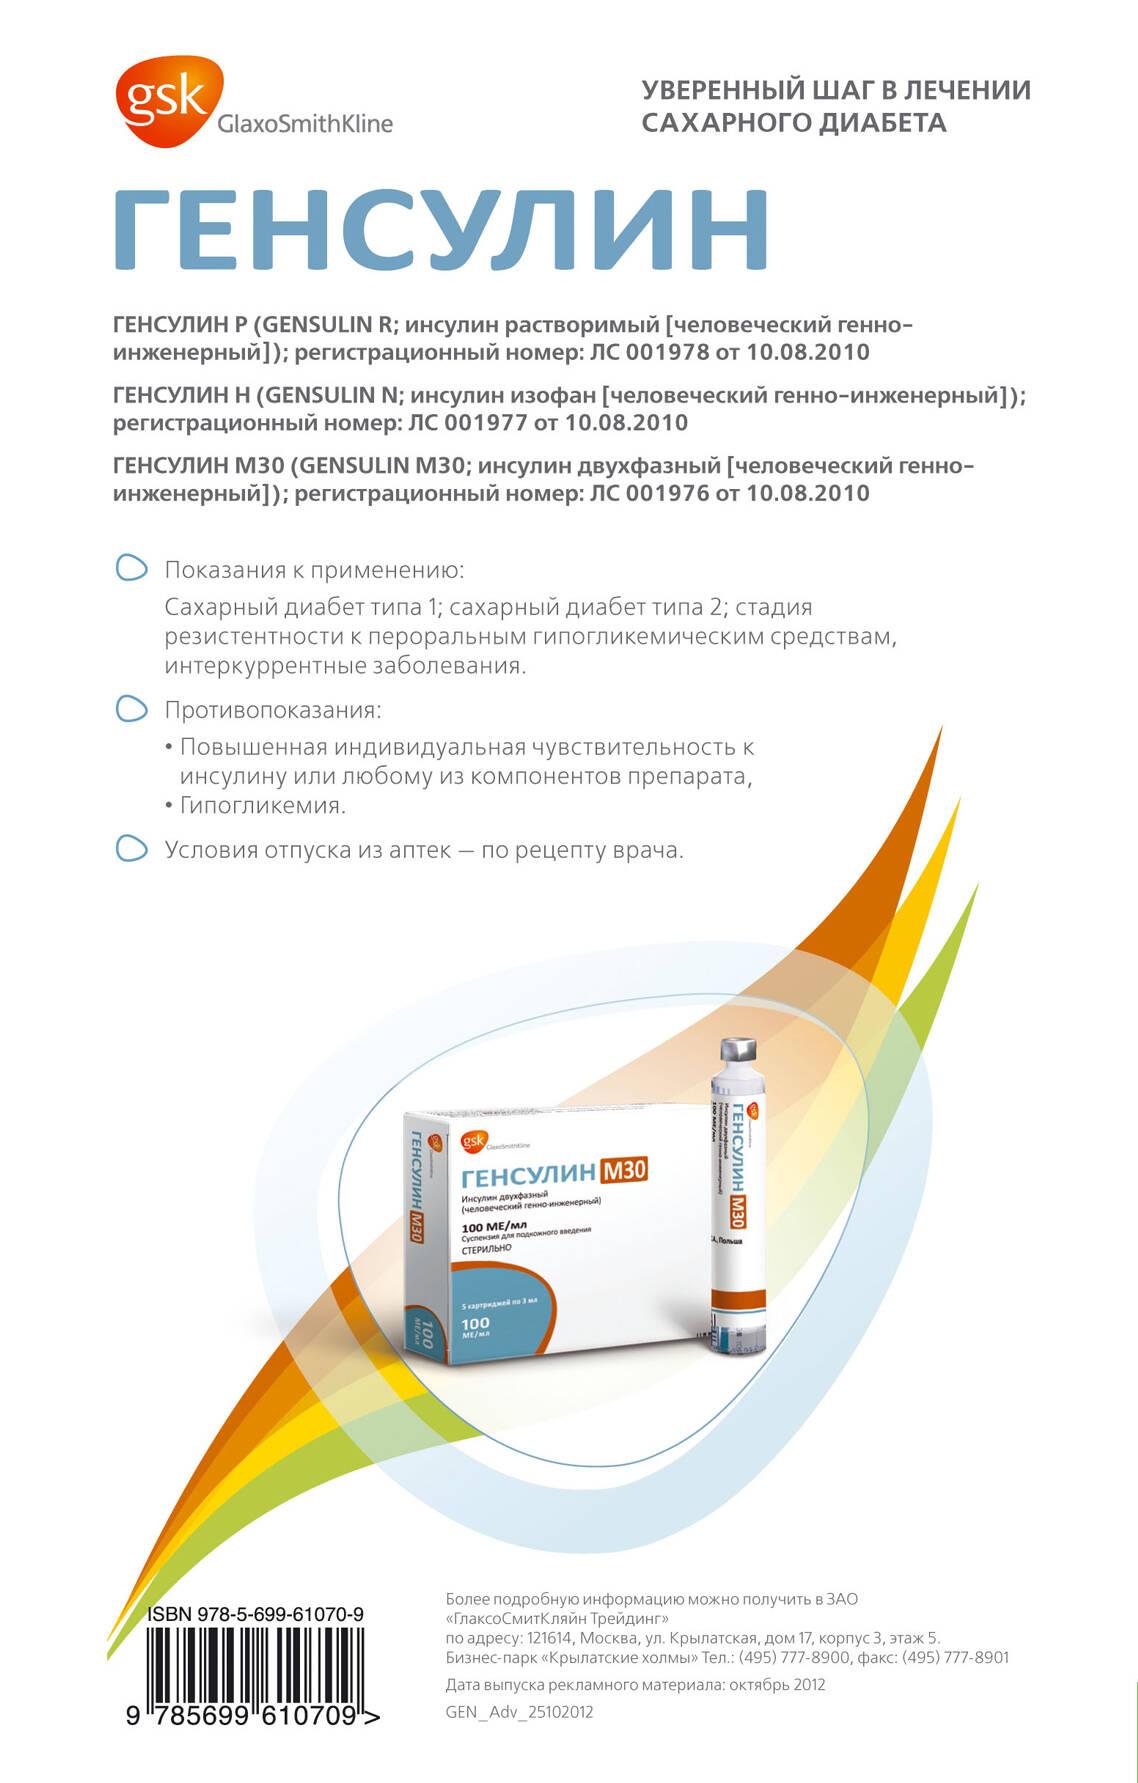 Справочник Фармакологический